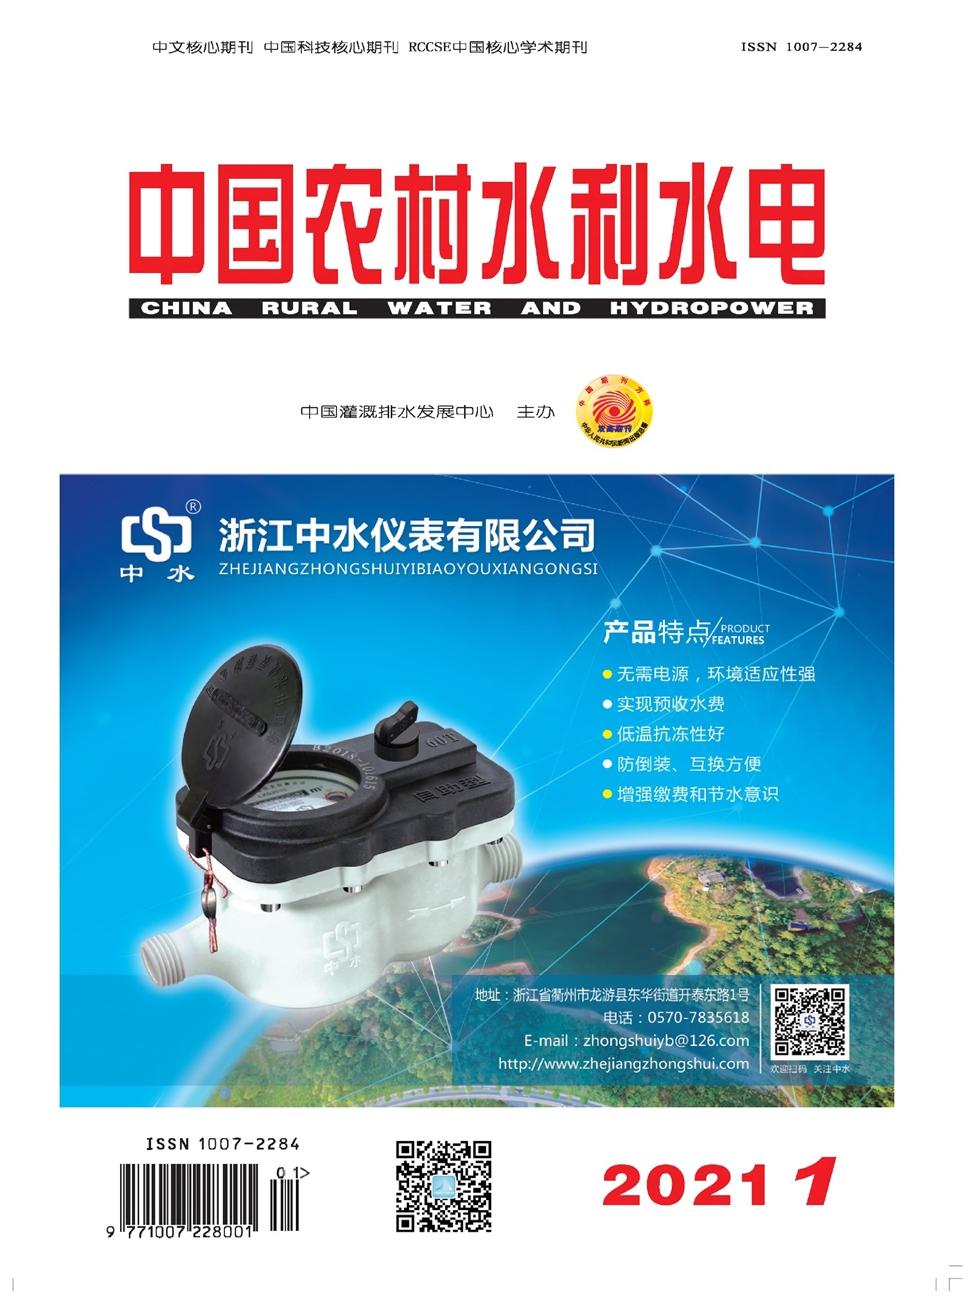 《中國農村水利水電》